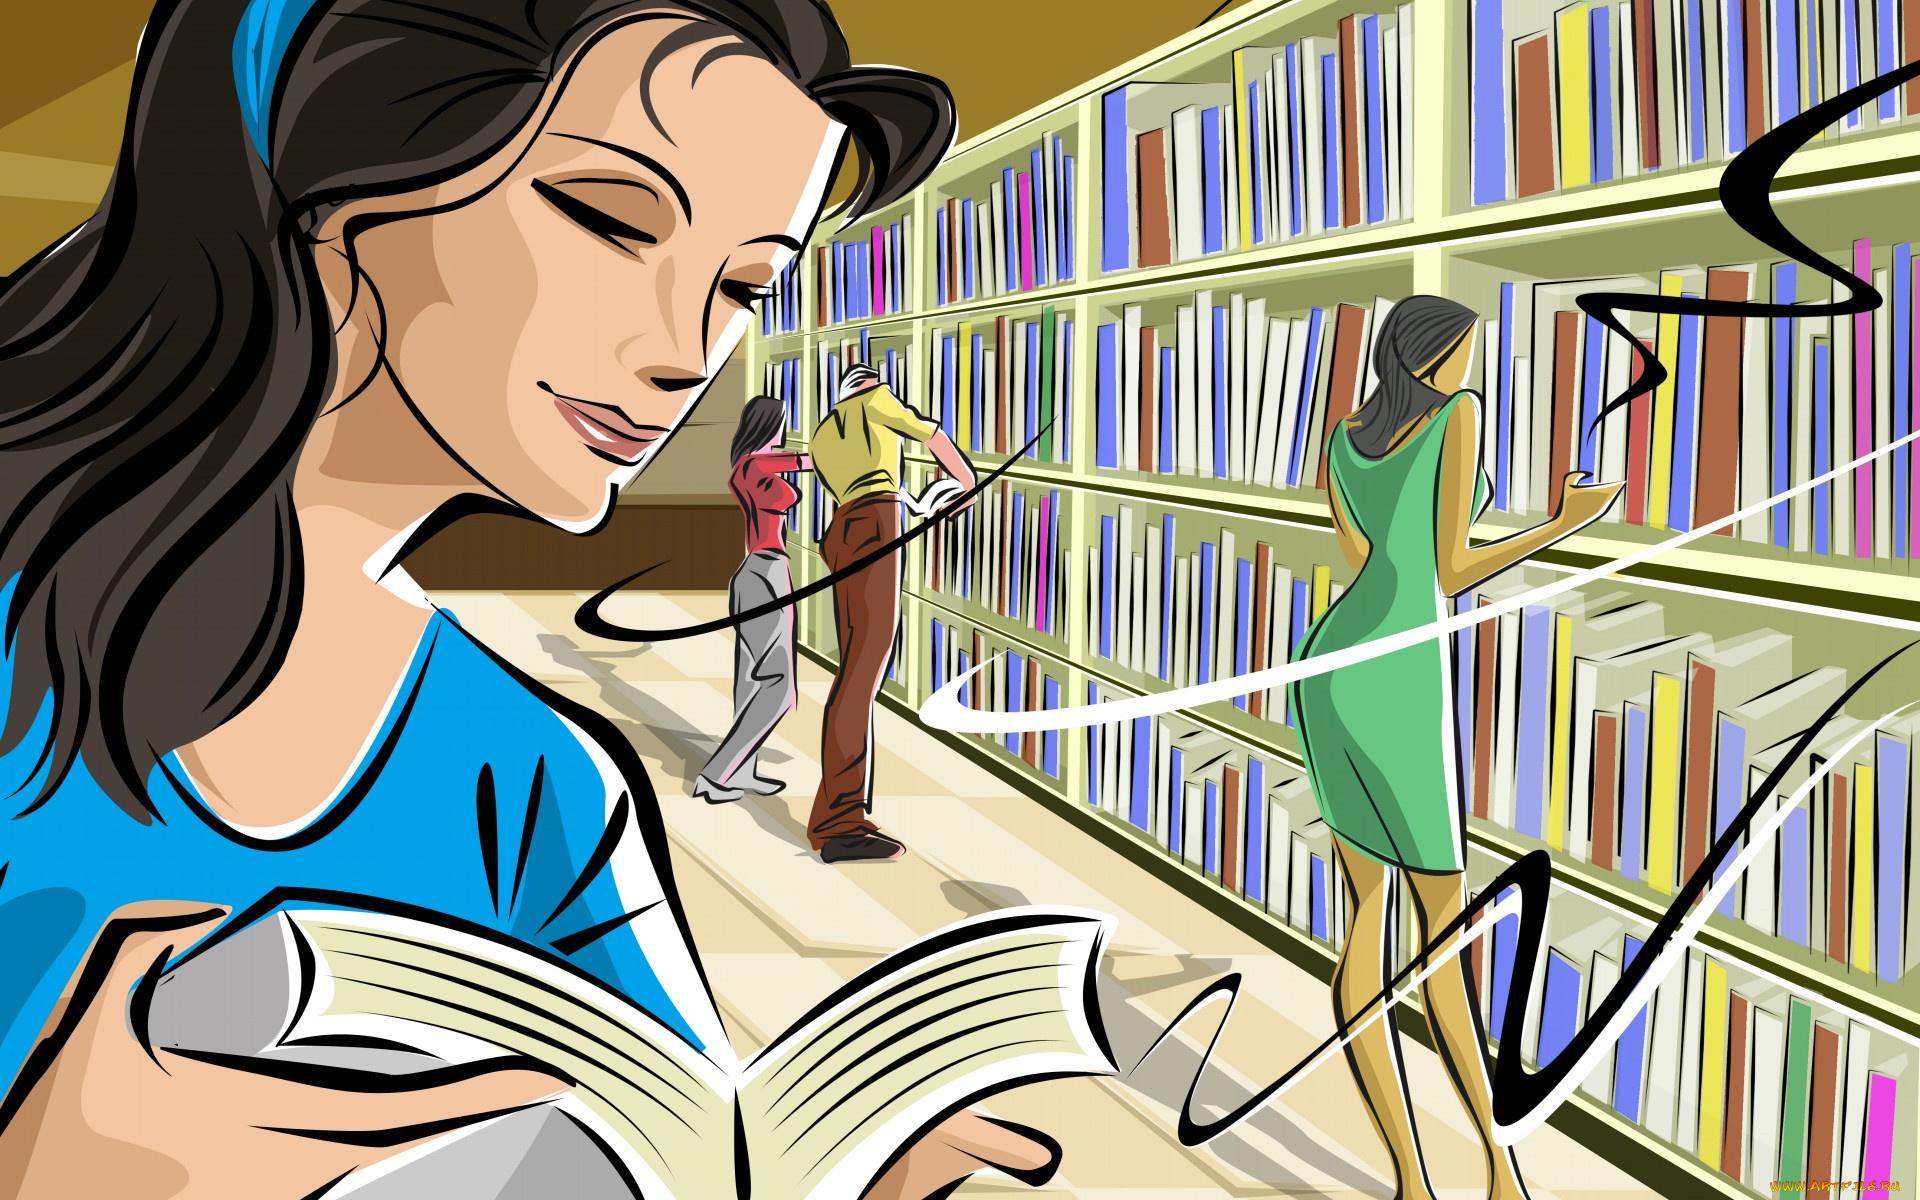 одном картинка методист библиотеки моменты жизни любимых